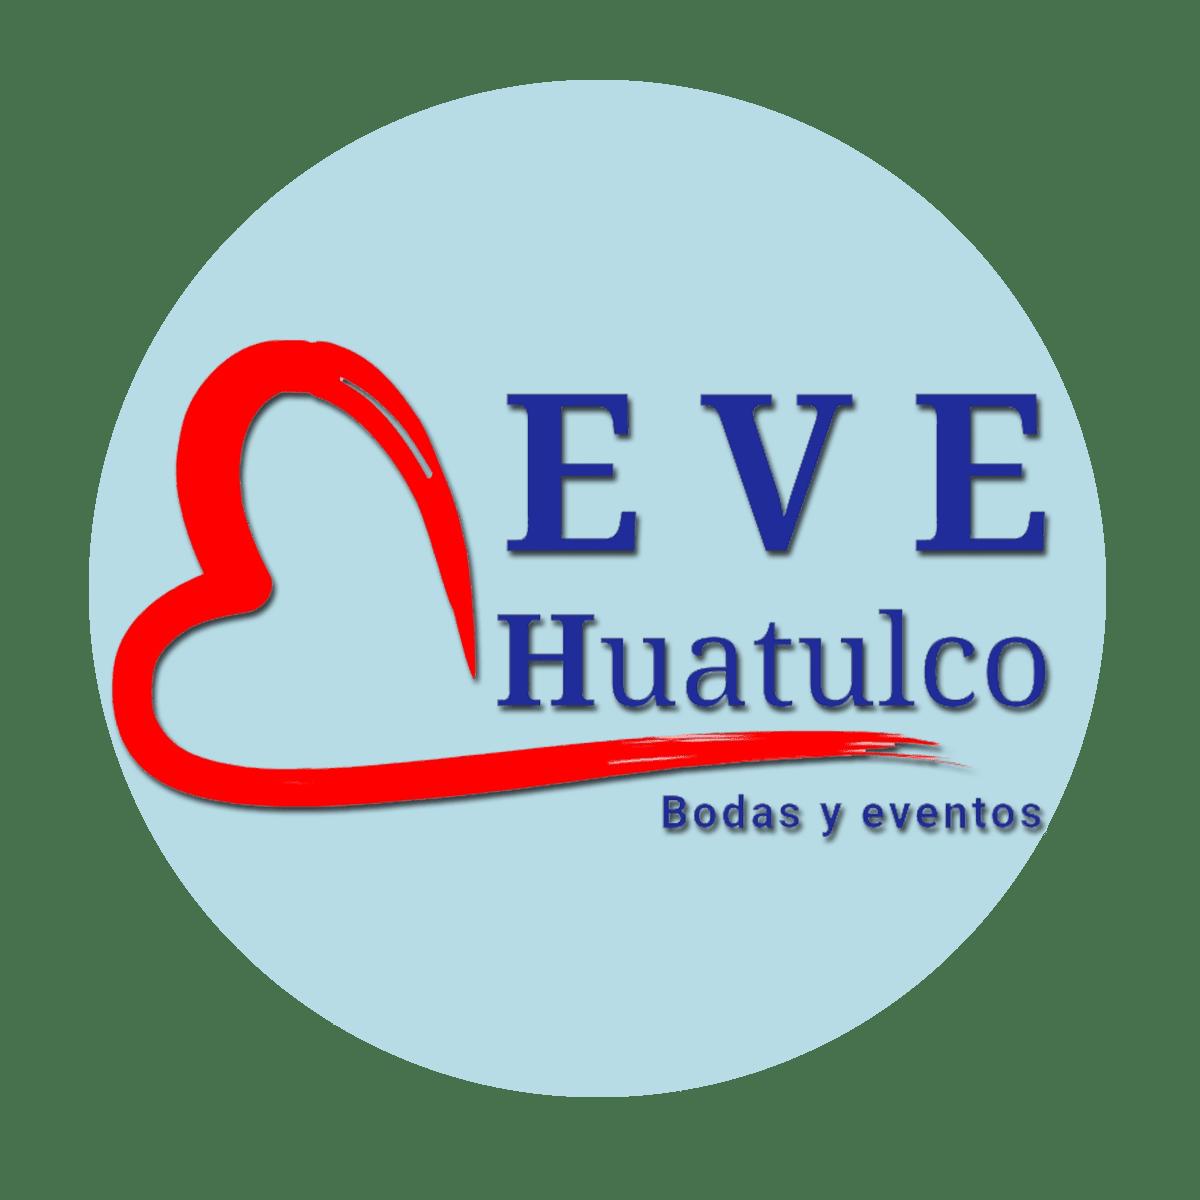 Eve Huatulco Bodas y Eventos